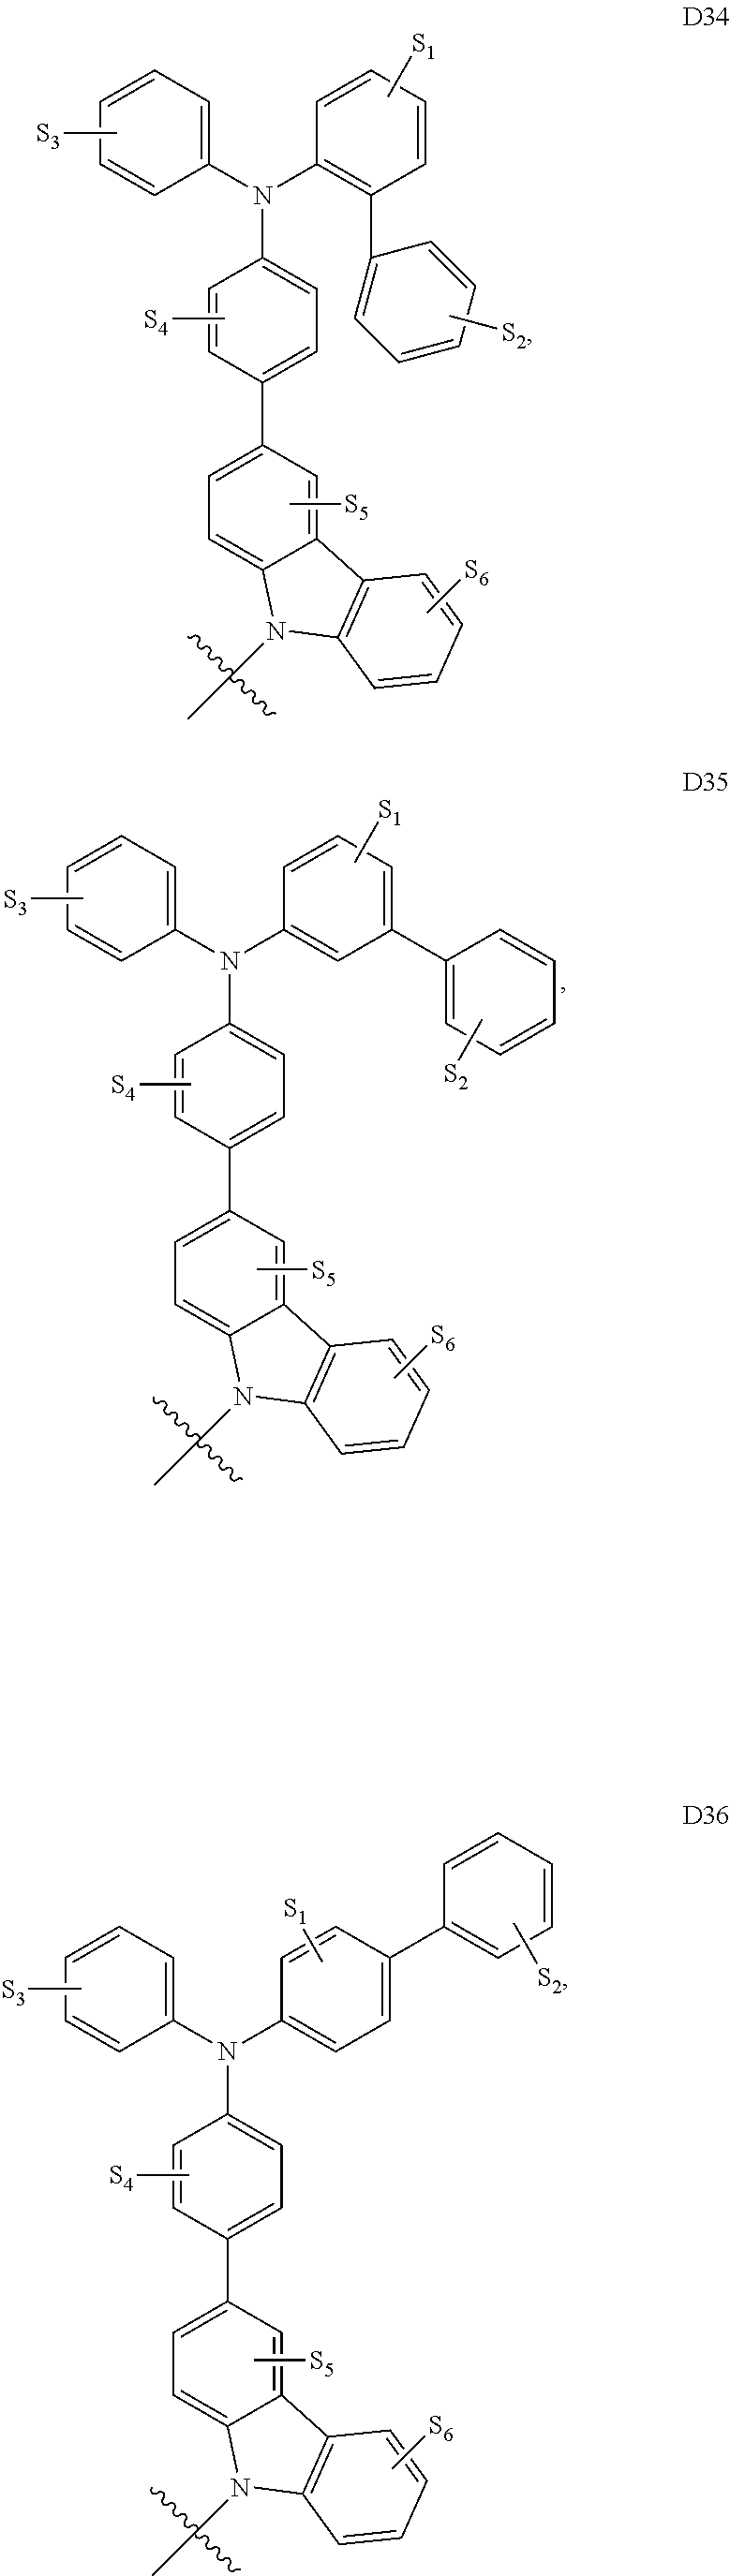 Figure US09324949-20160426-C00056